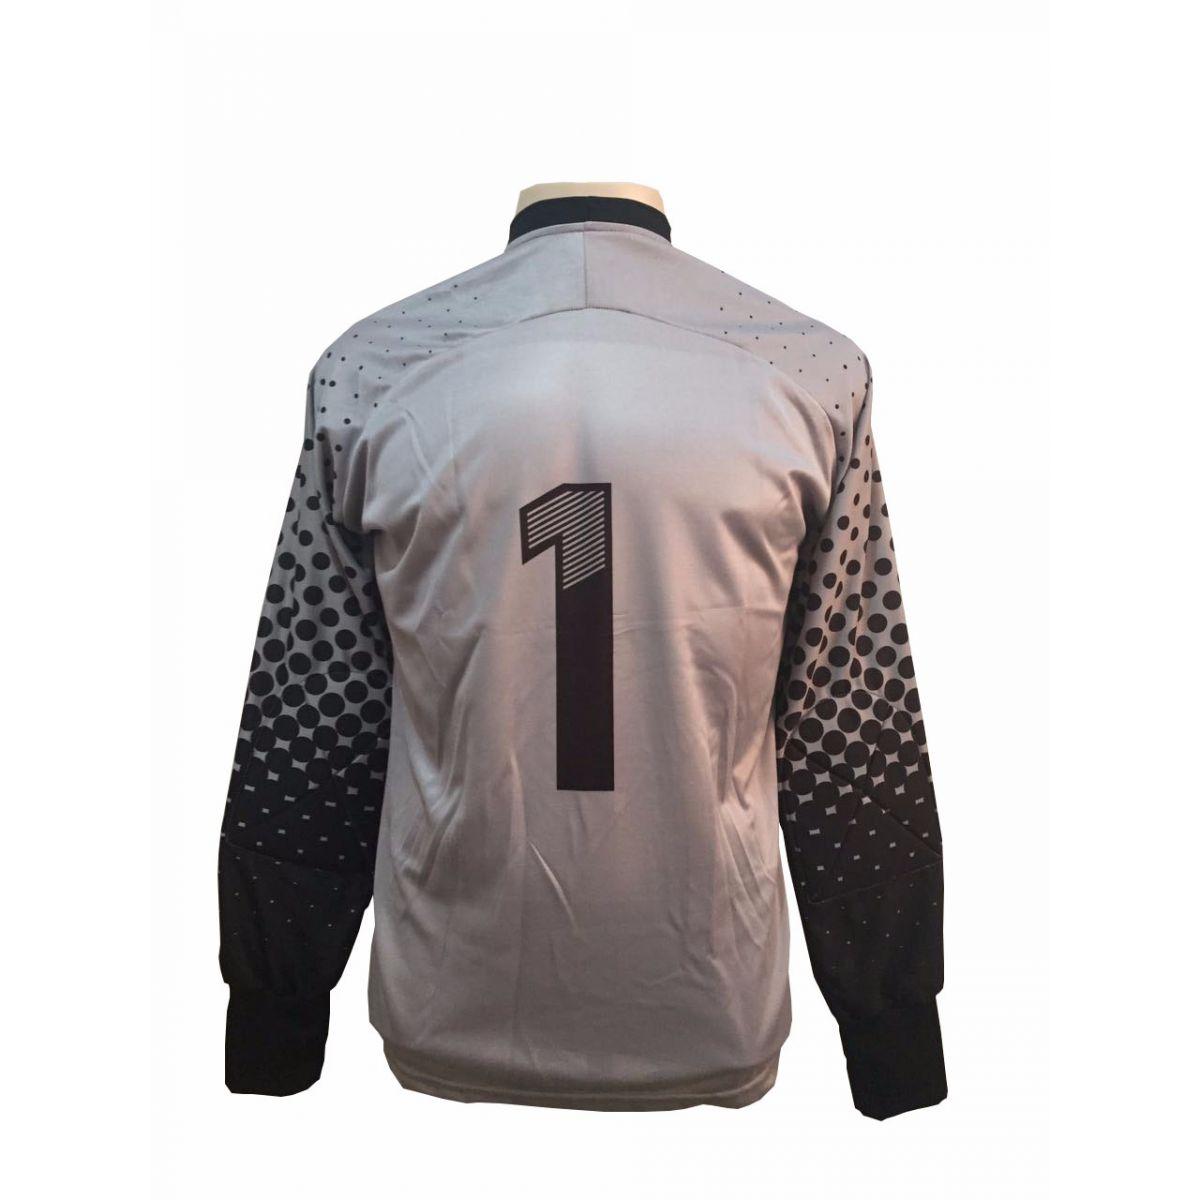 Camisa de Goleiro modelo Transfer 237 Cinza/Preto nº 1 Tamanho GG